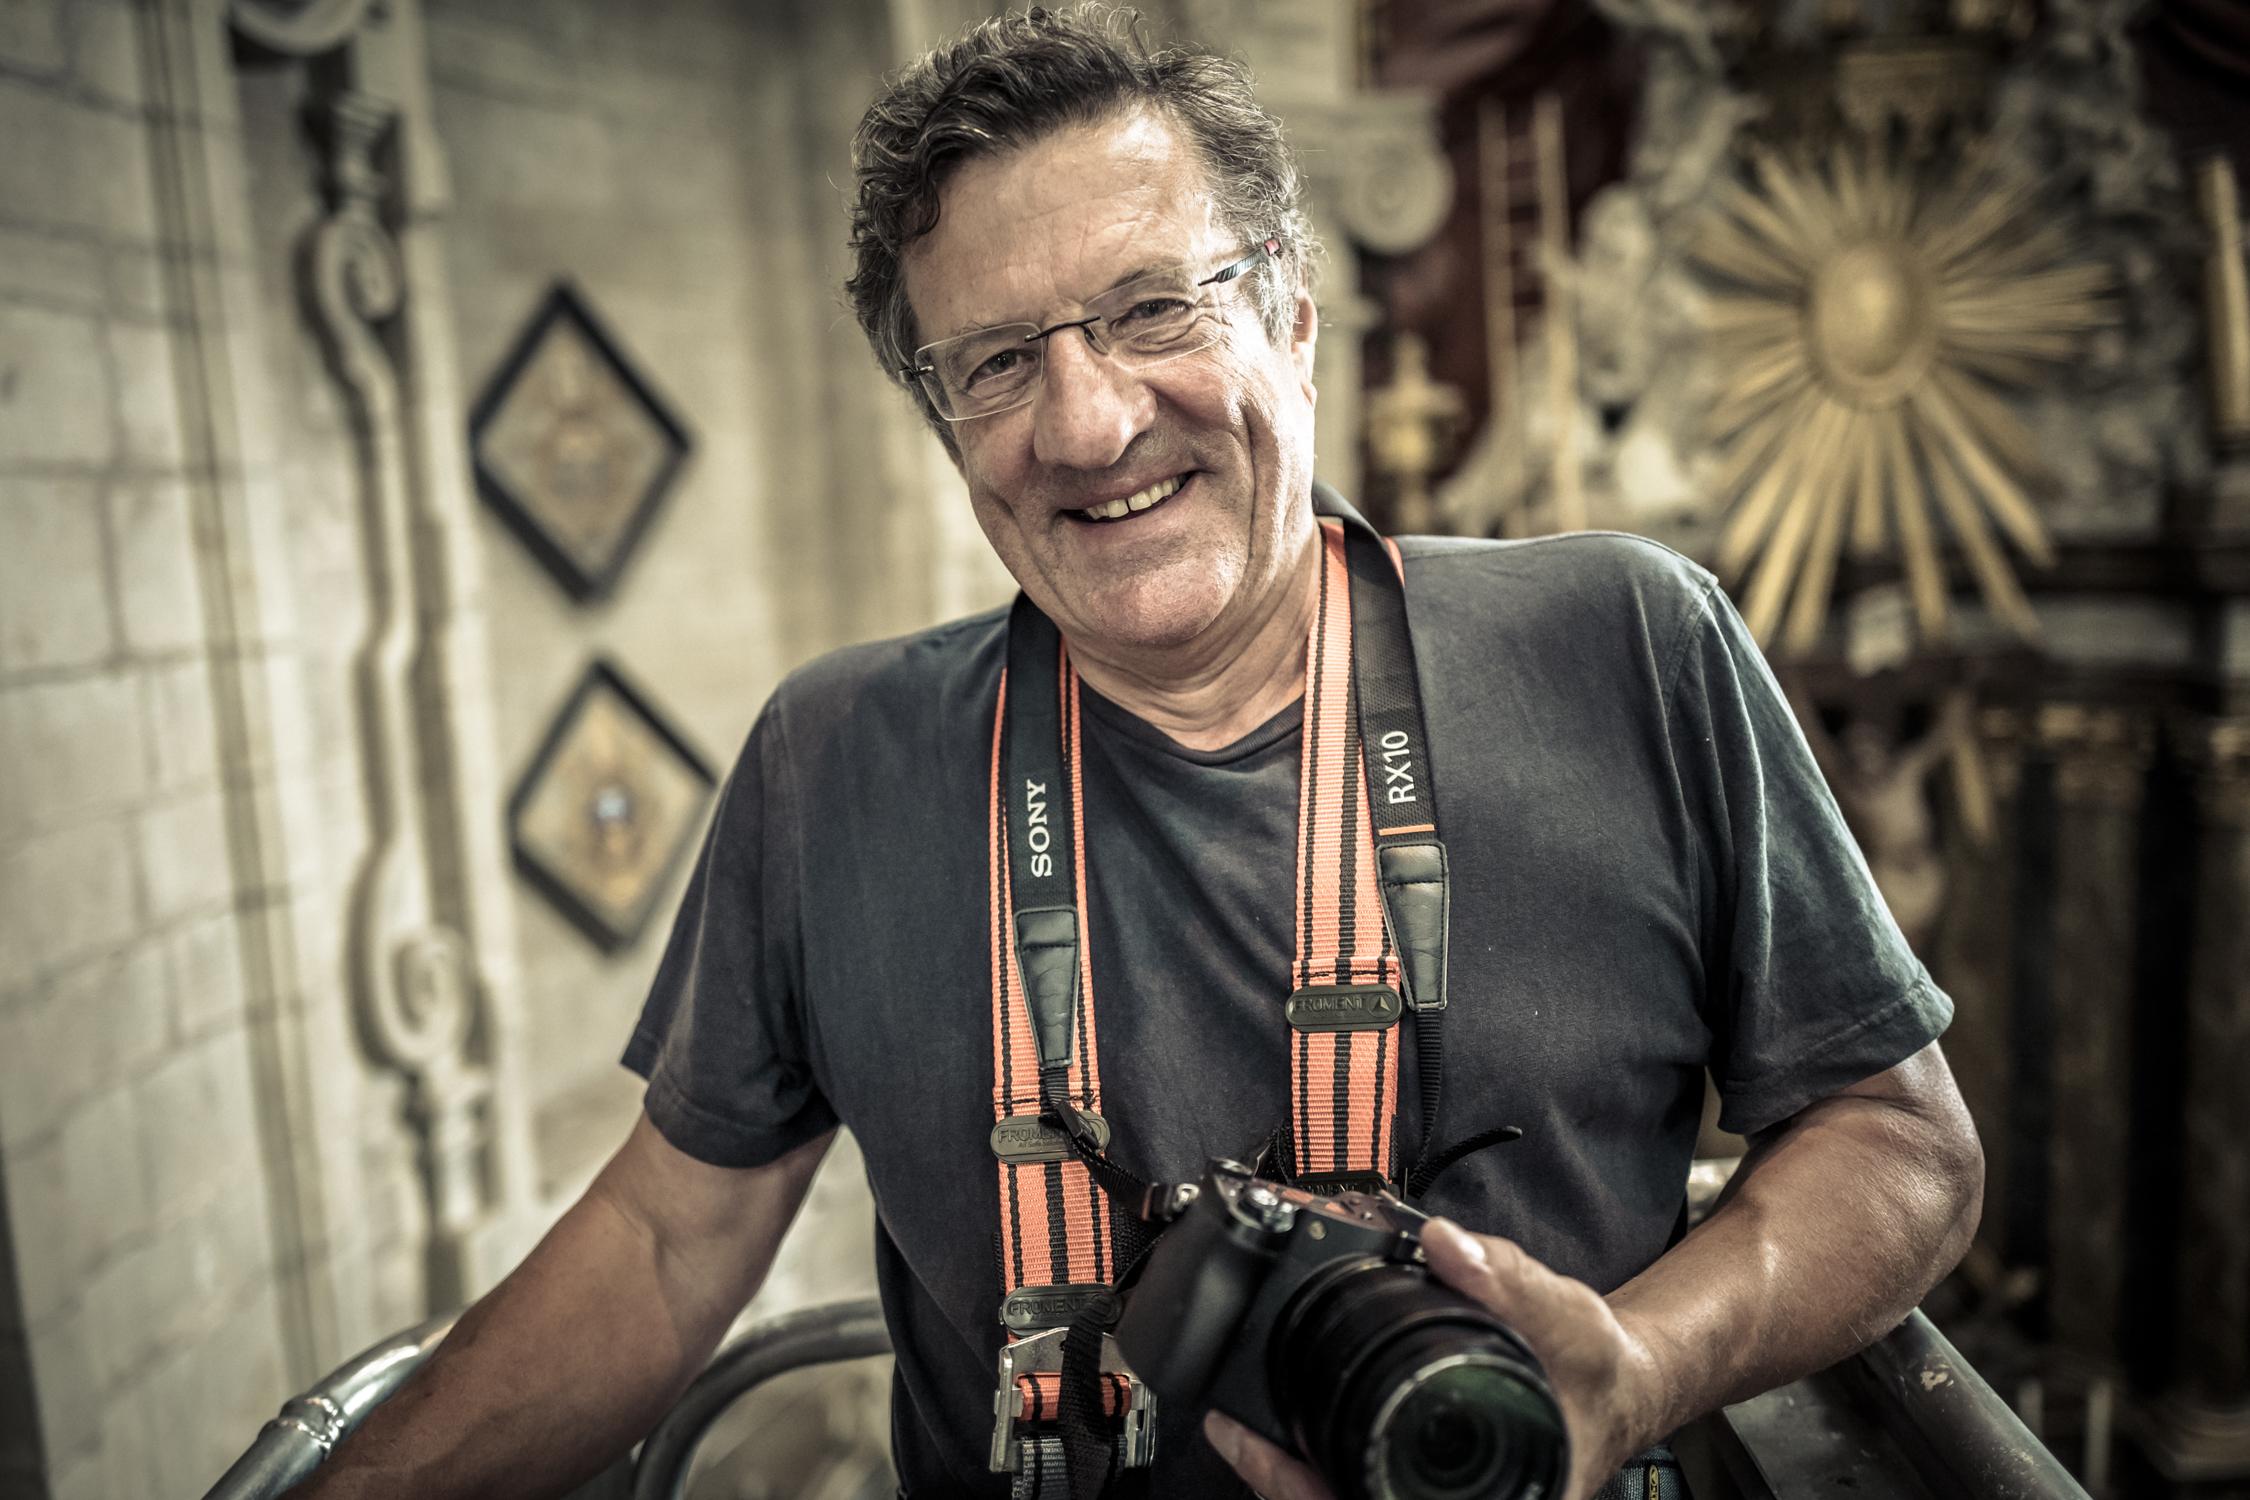 Manager Gebouwen Mark Raquet